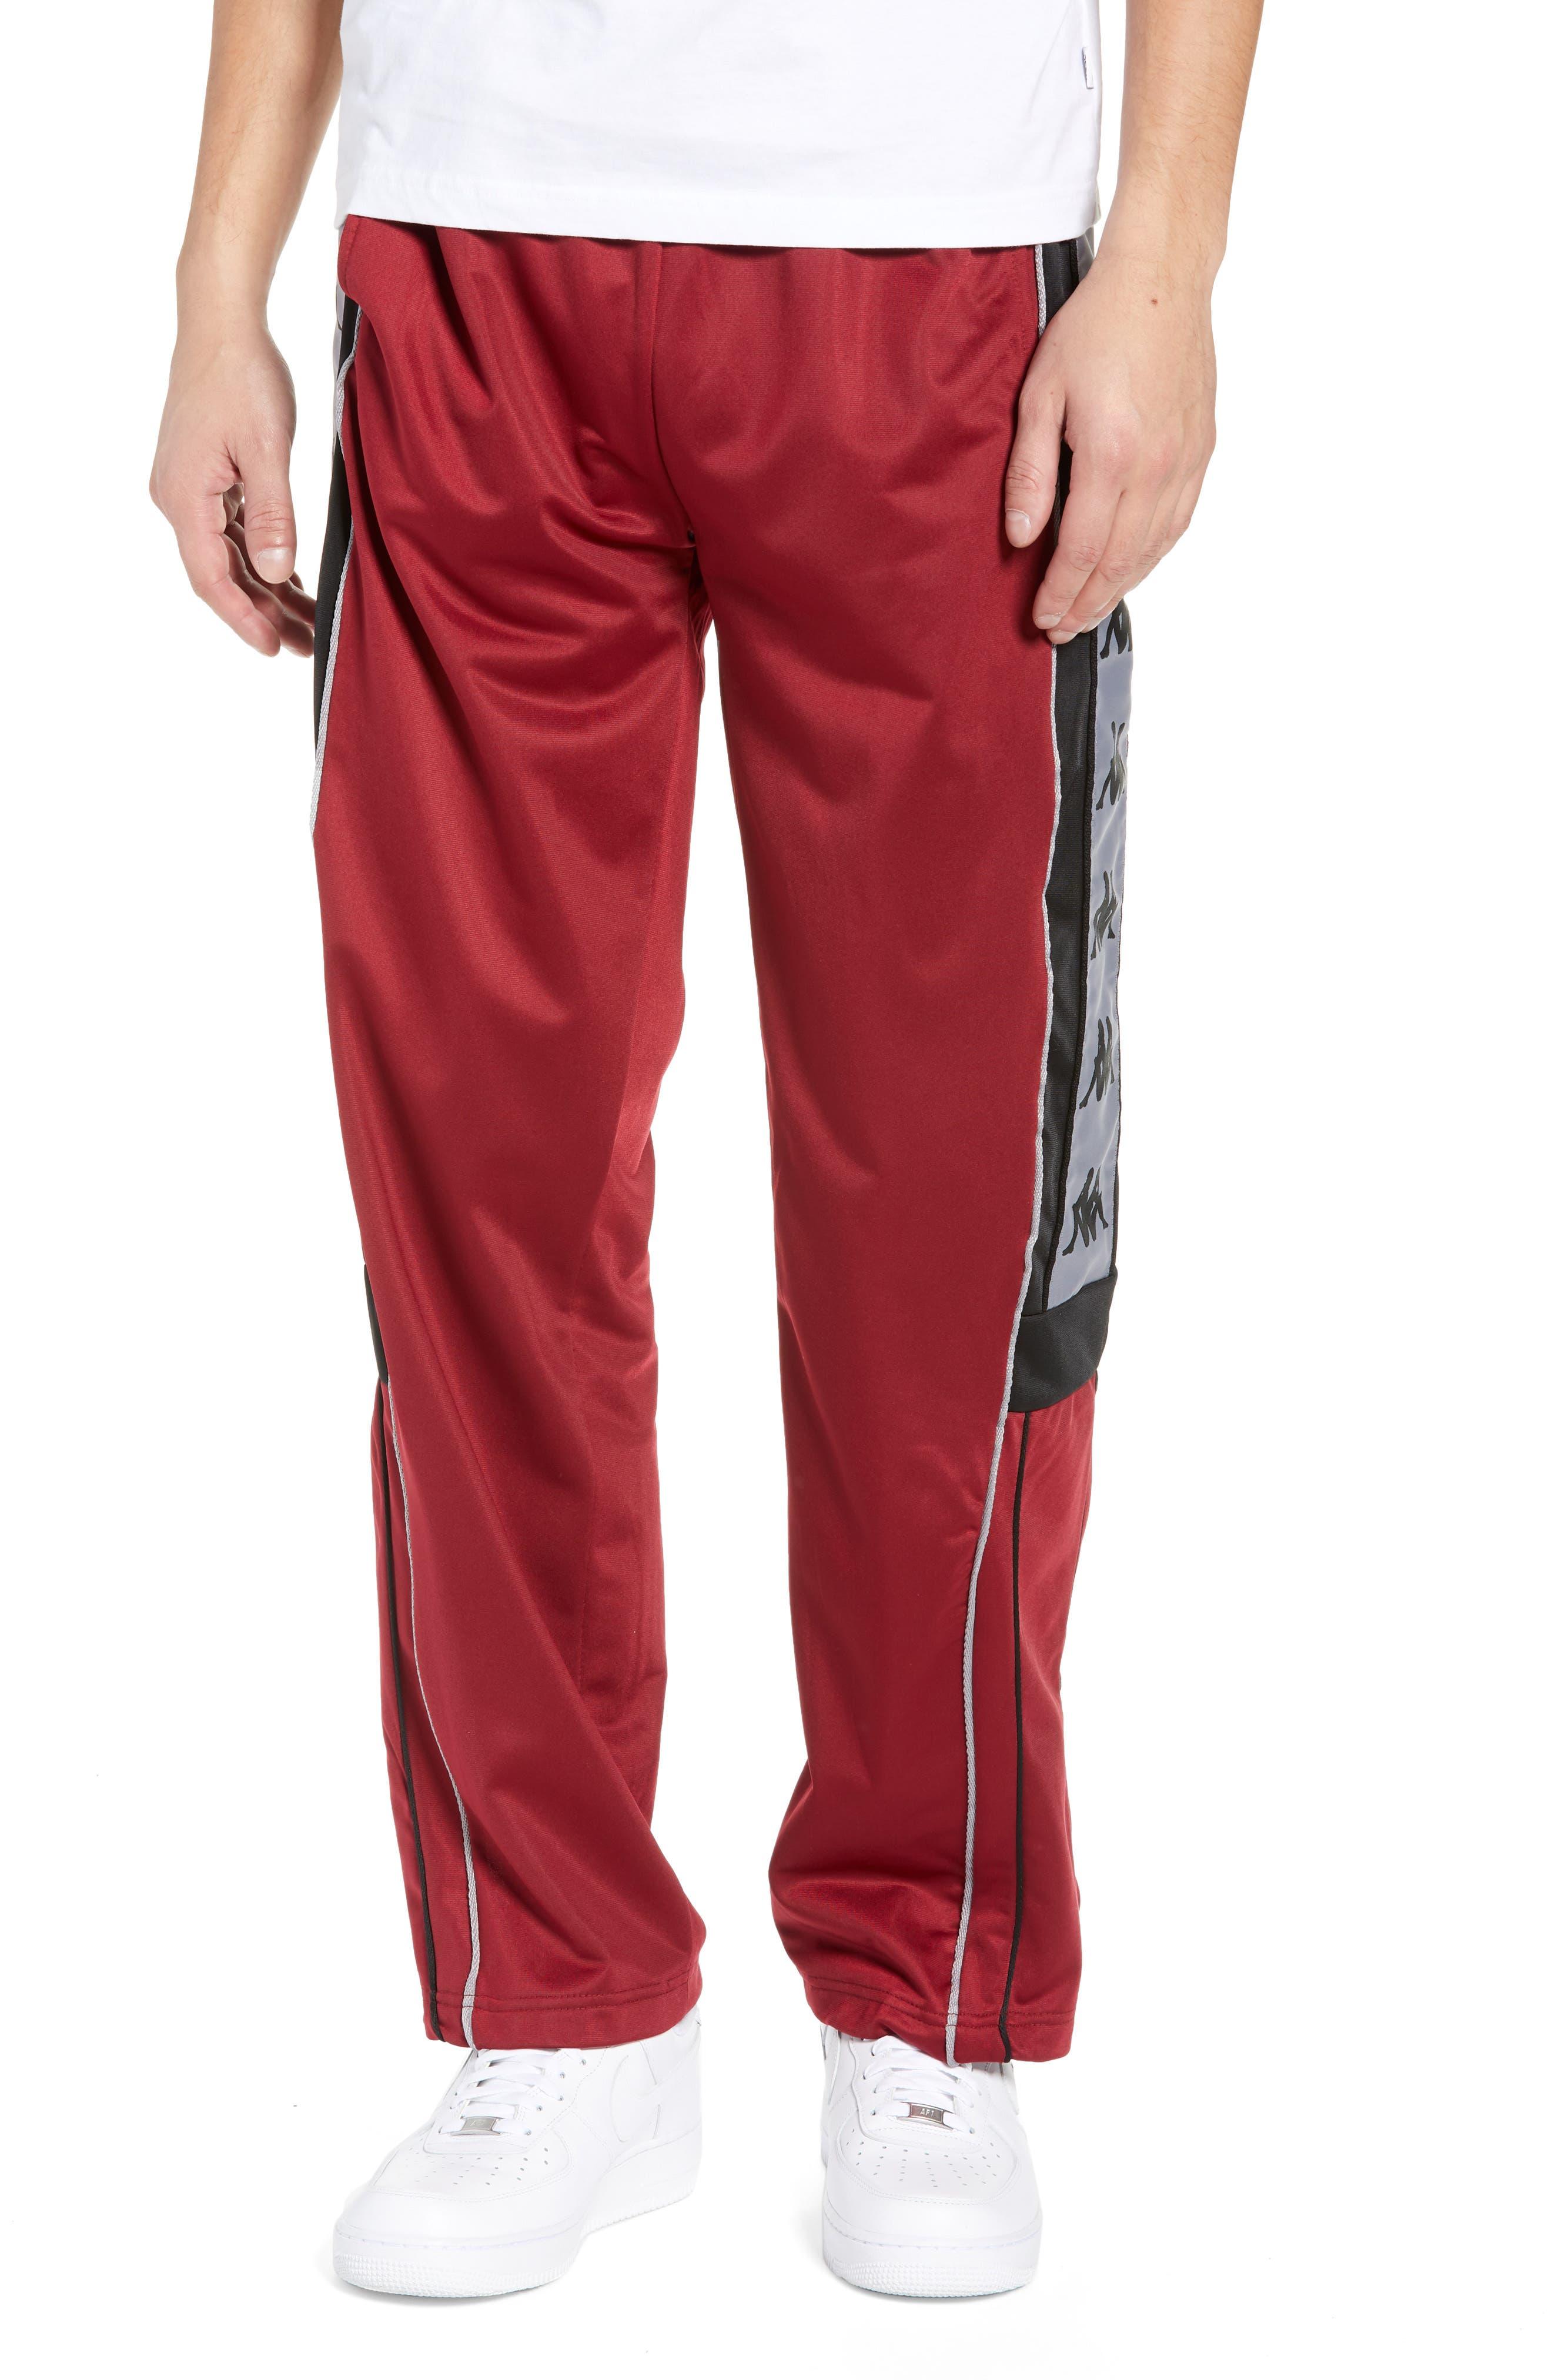 Active 222 Banda Snap-Away Warm-Up Pants,                             Main thumbnail 1, color,                             RED BORDEAUX BLACK